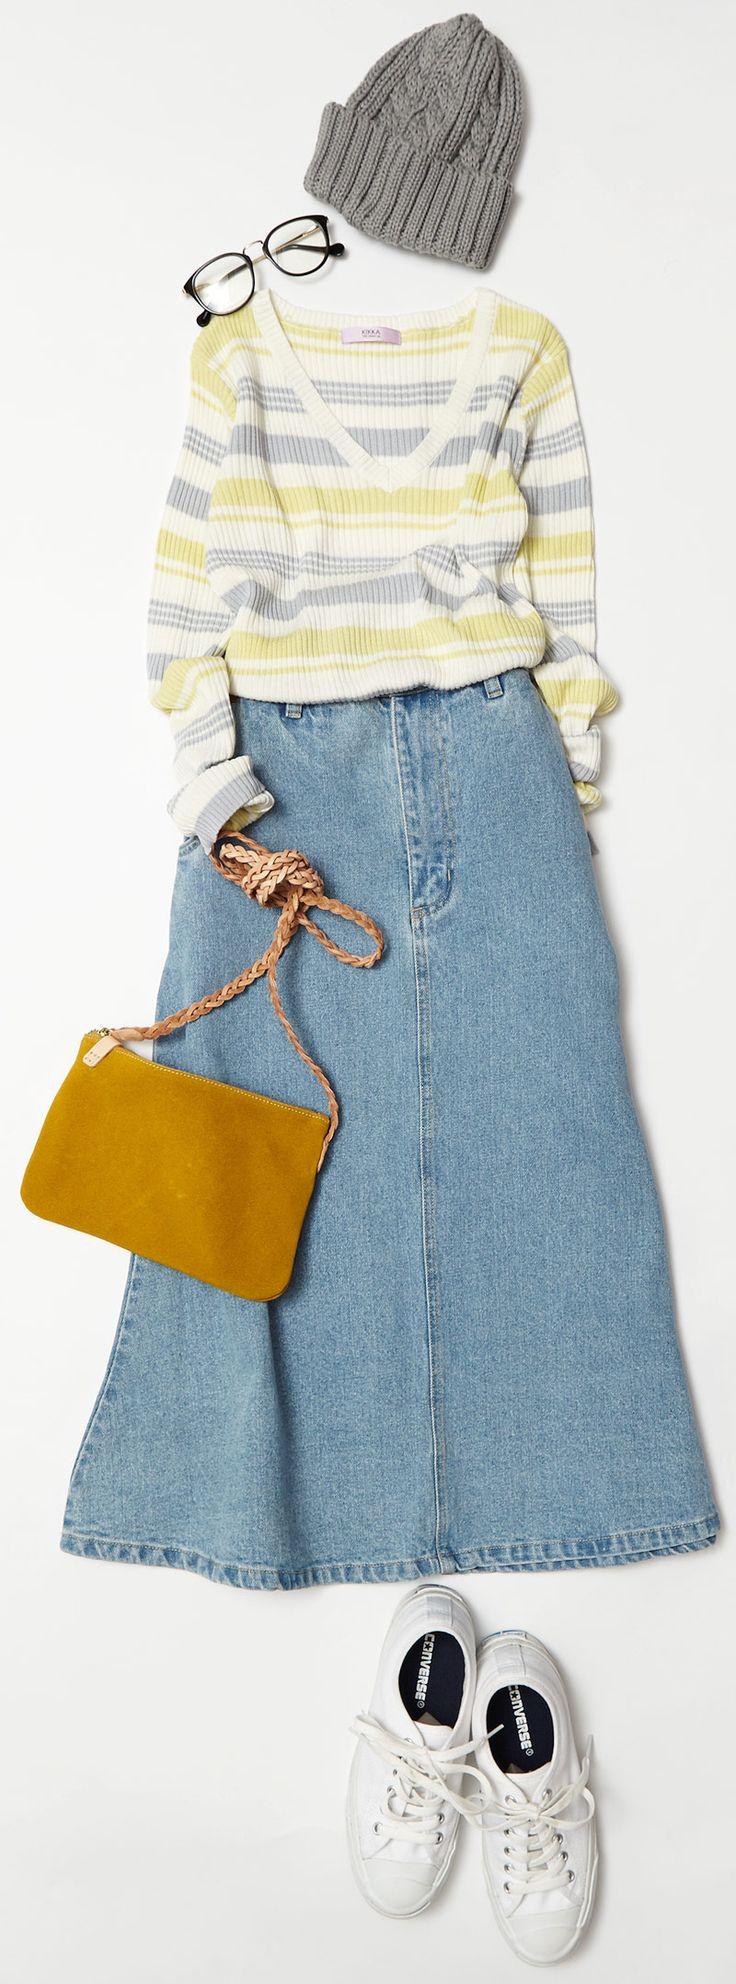 レトロ調デニムスカートで旬を先取り! ルミネエスト新宿のアイテムから、春を意識した通勤やバレンタインデーなどに着たい、女の子らしさ漂うスカートスタイルのコーディネートをご紹介! 人気スタイリスト入江未悠さんが「大人かわいい」をテーマに、上品でまねしやすいスタイリングを提案します!